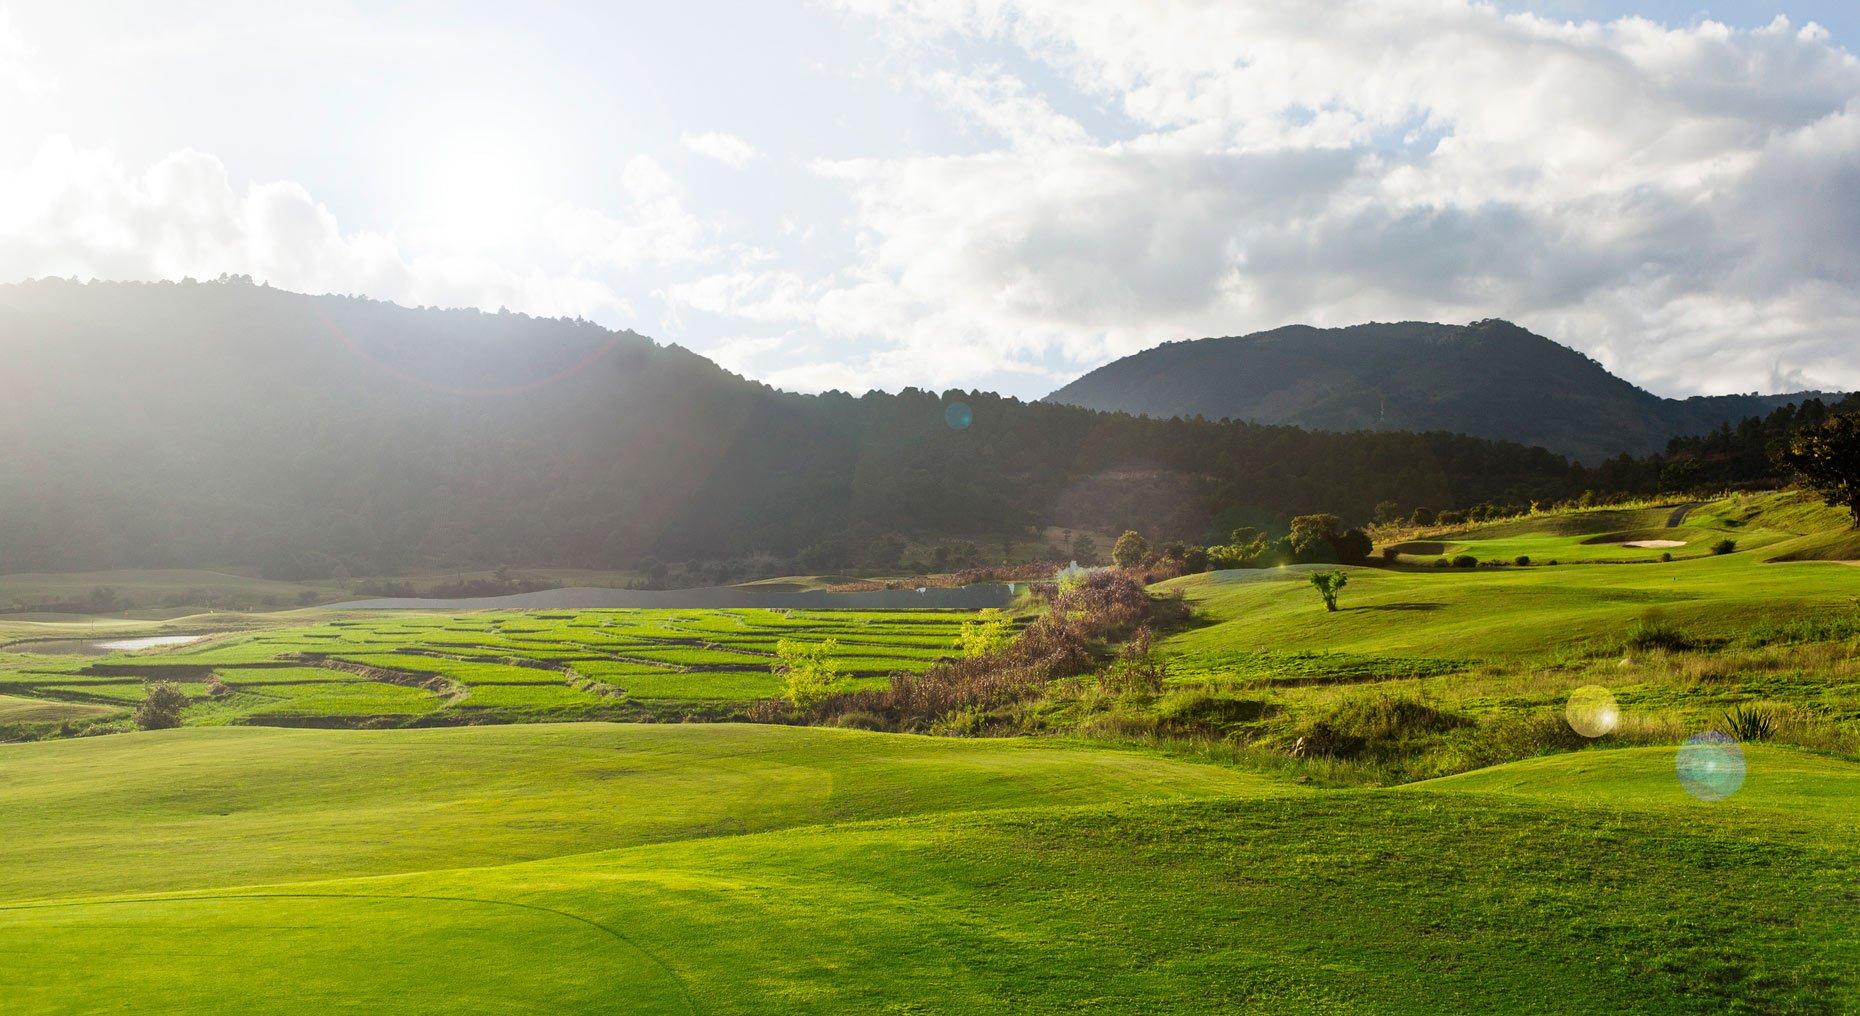 Dalat at 1200 Country Club